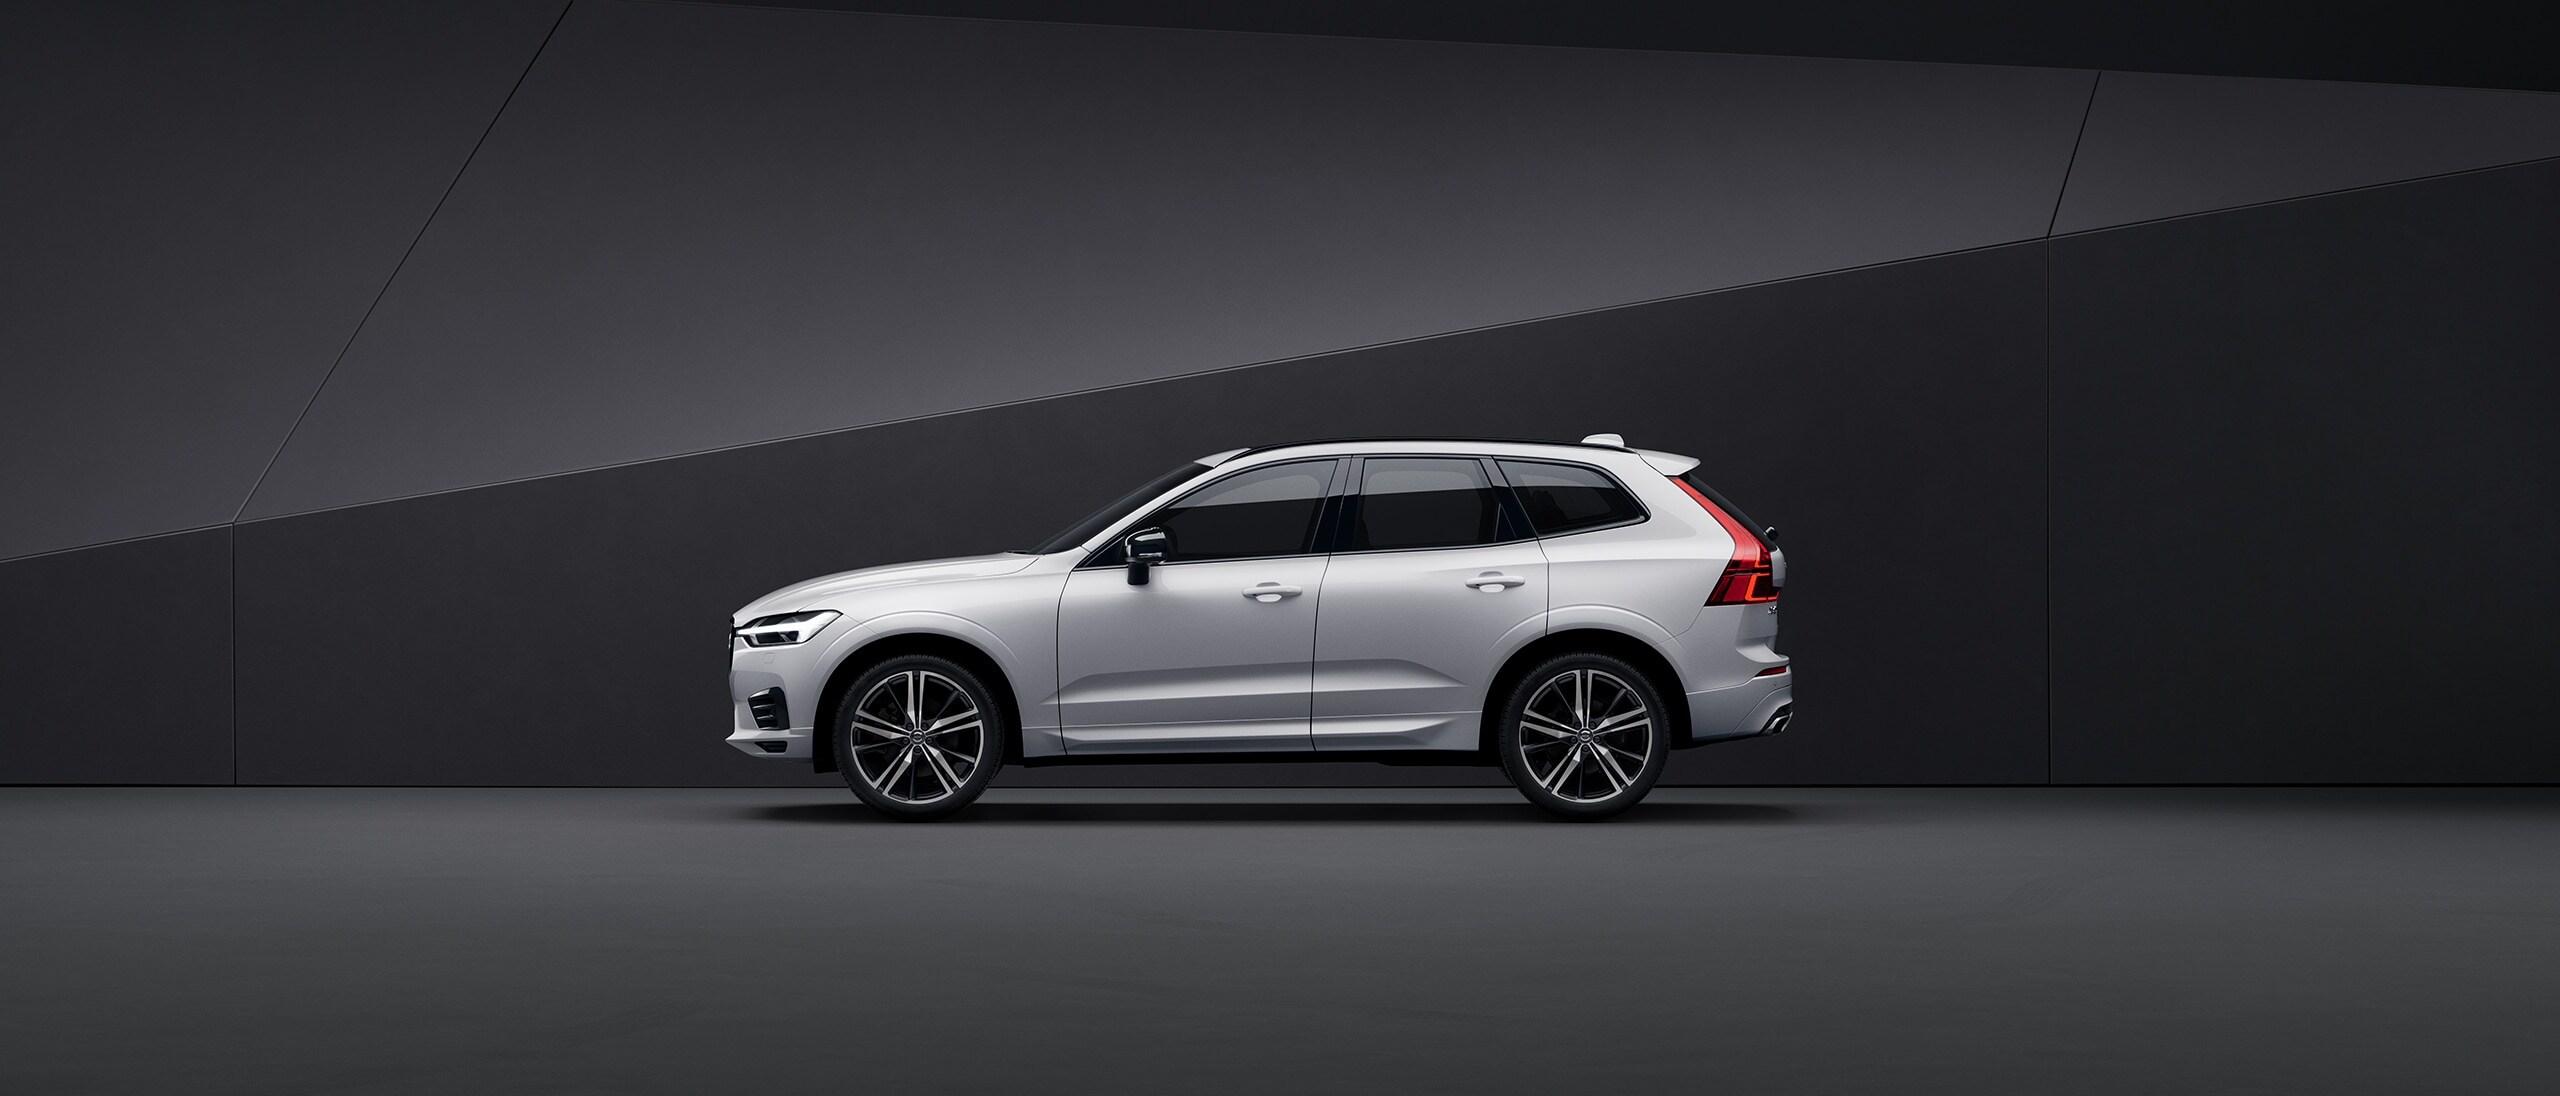 VUS Volvo XC60 blanc, garé dans un environnement noir